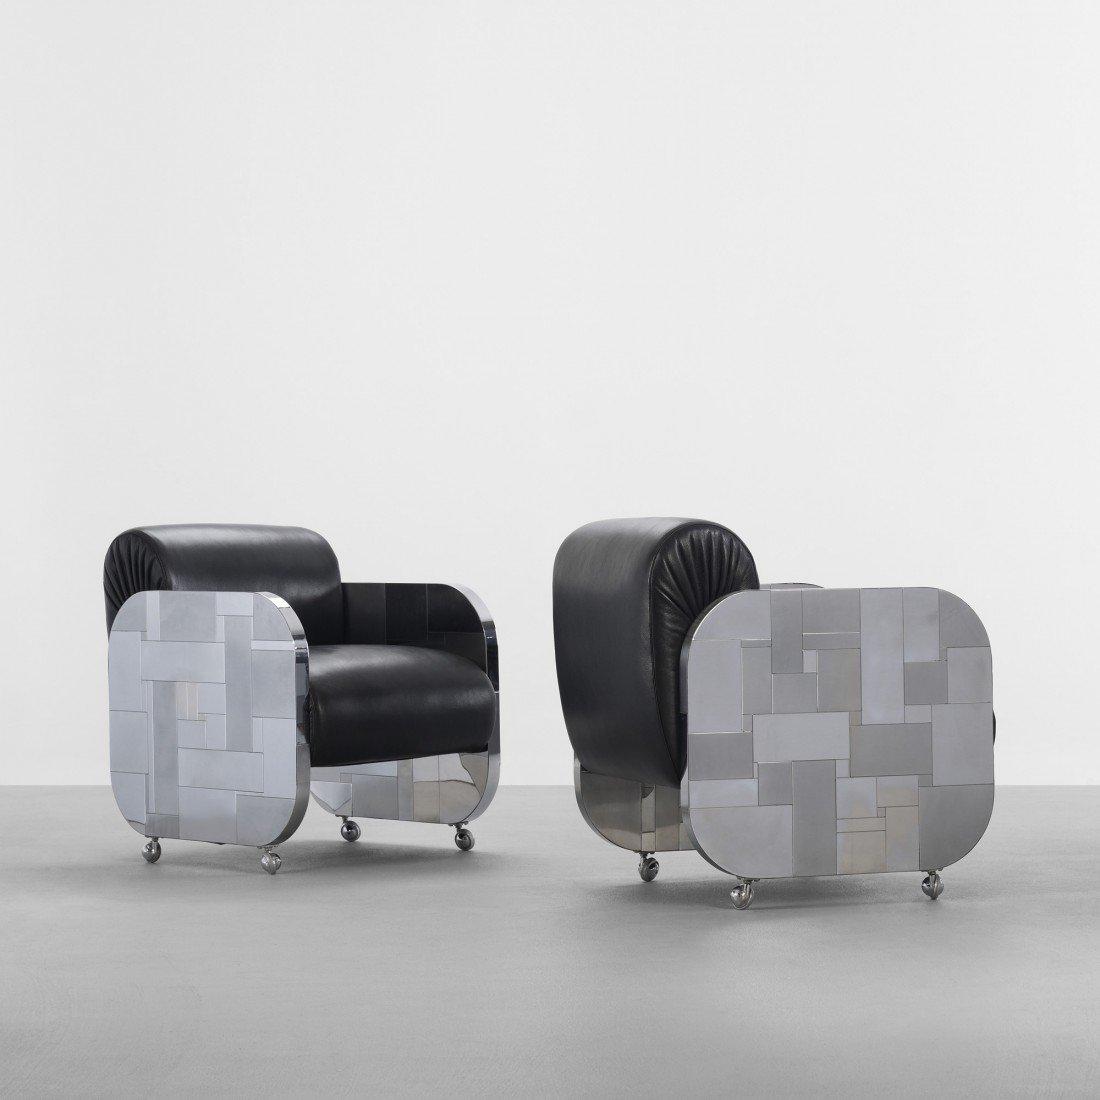 148: Paul Evans Cityscape armchairs, pair